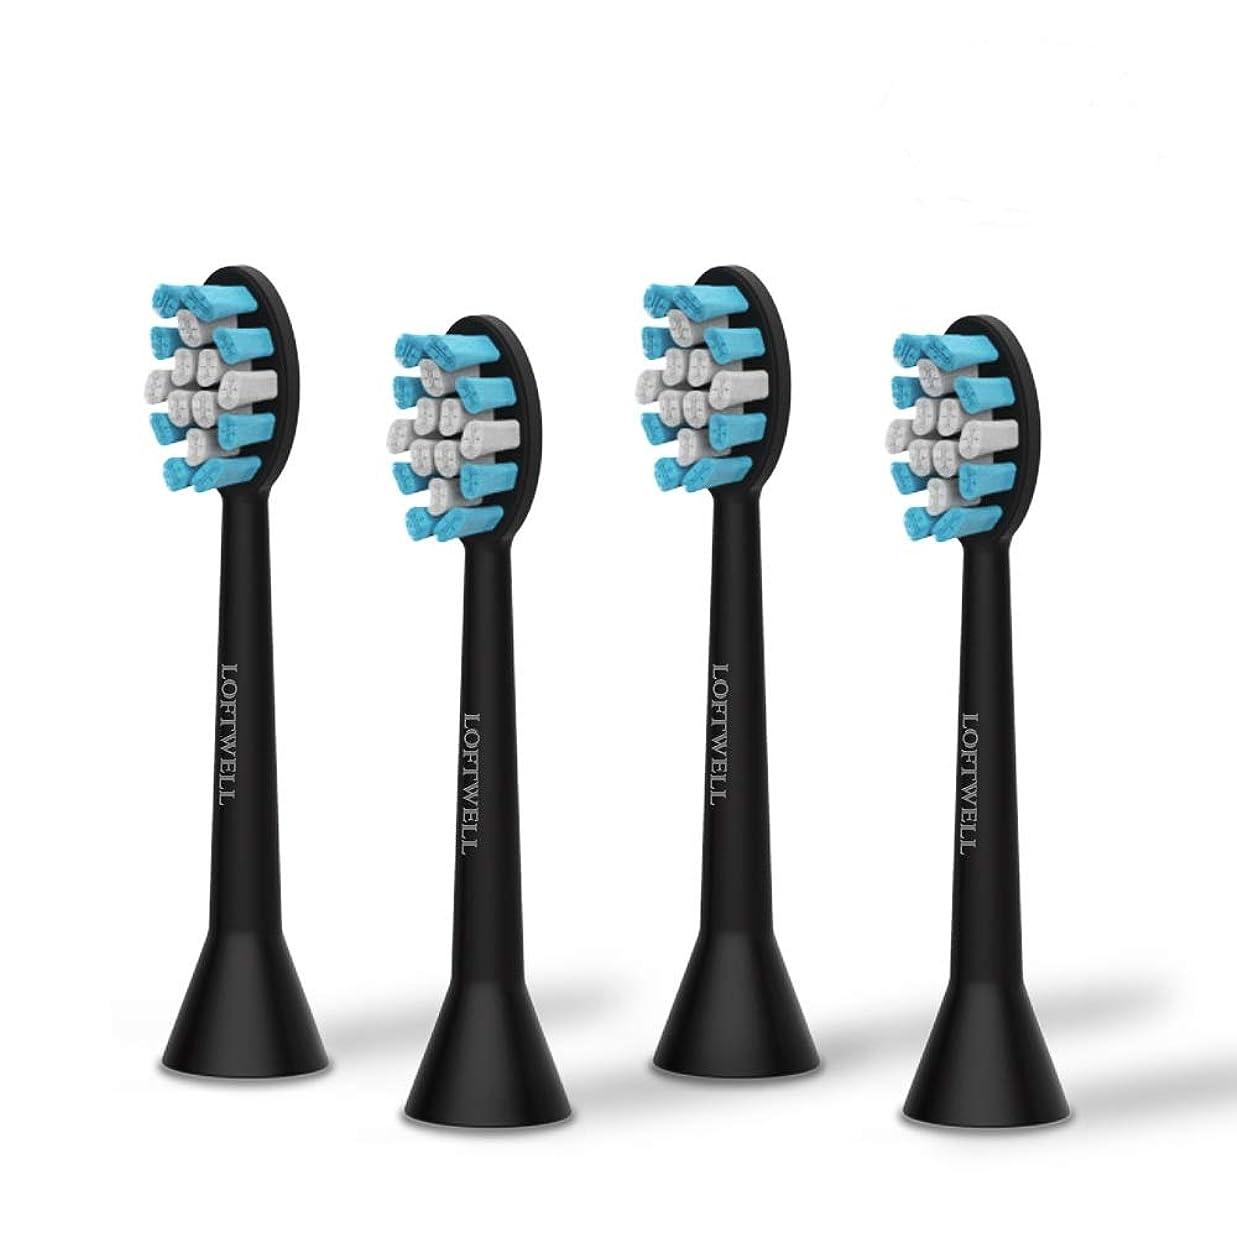 磨かれた三番飼料loftwell 電動歯ブラシD5とD9通用替えブラシ 替えブラシ 4本入れ